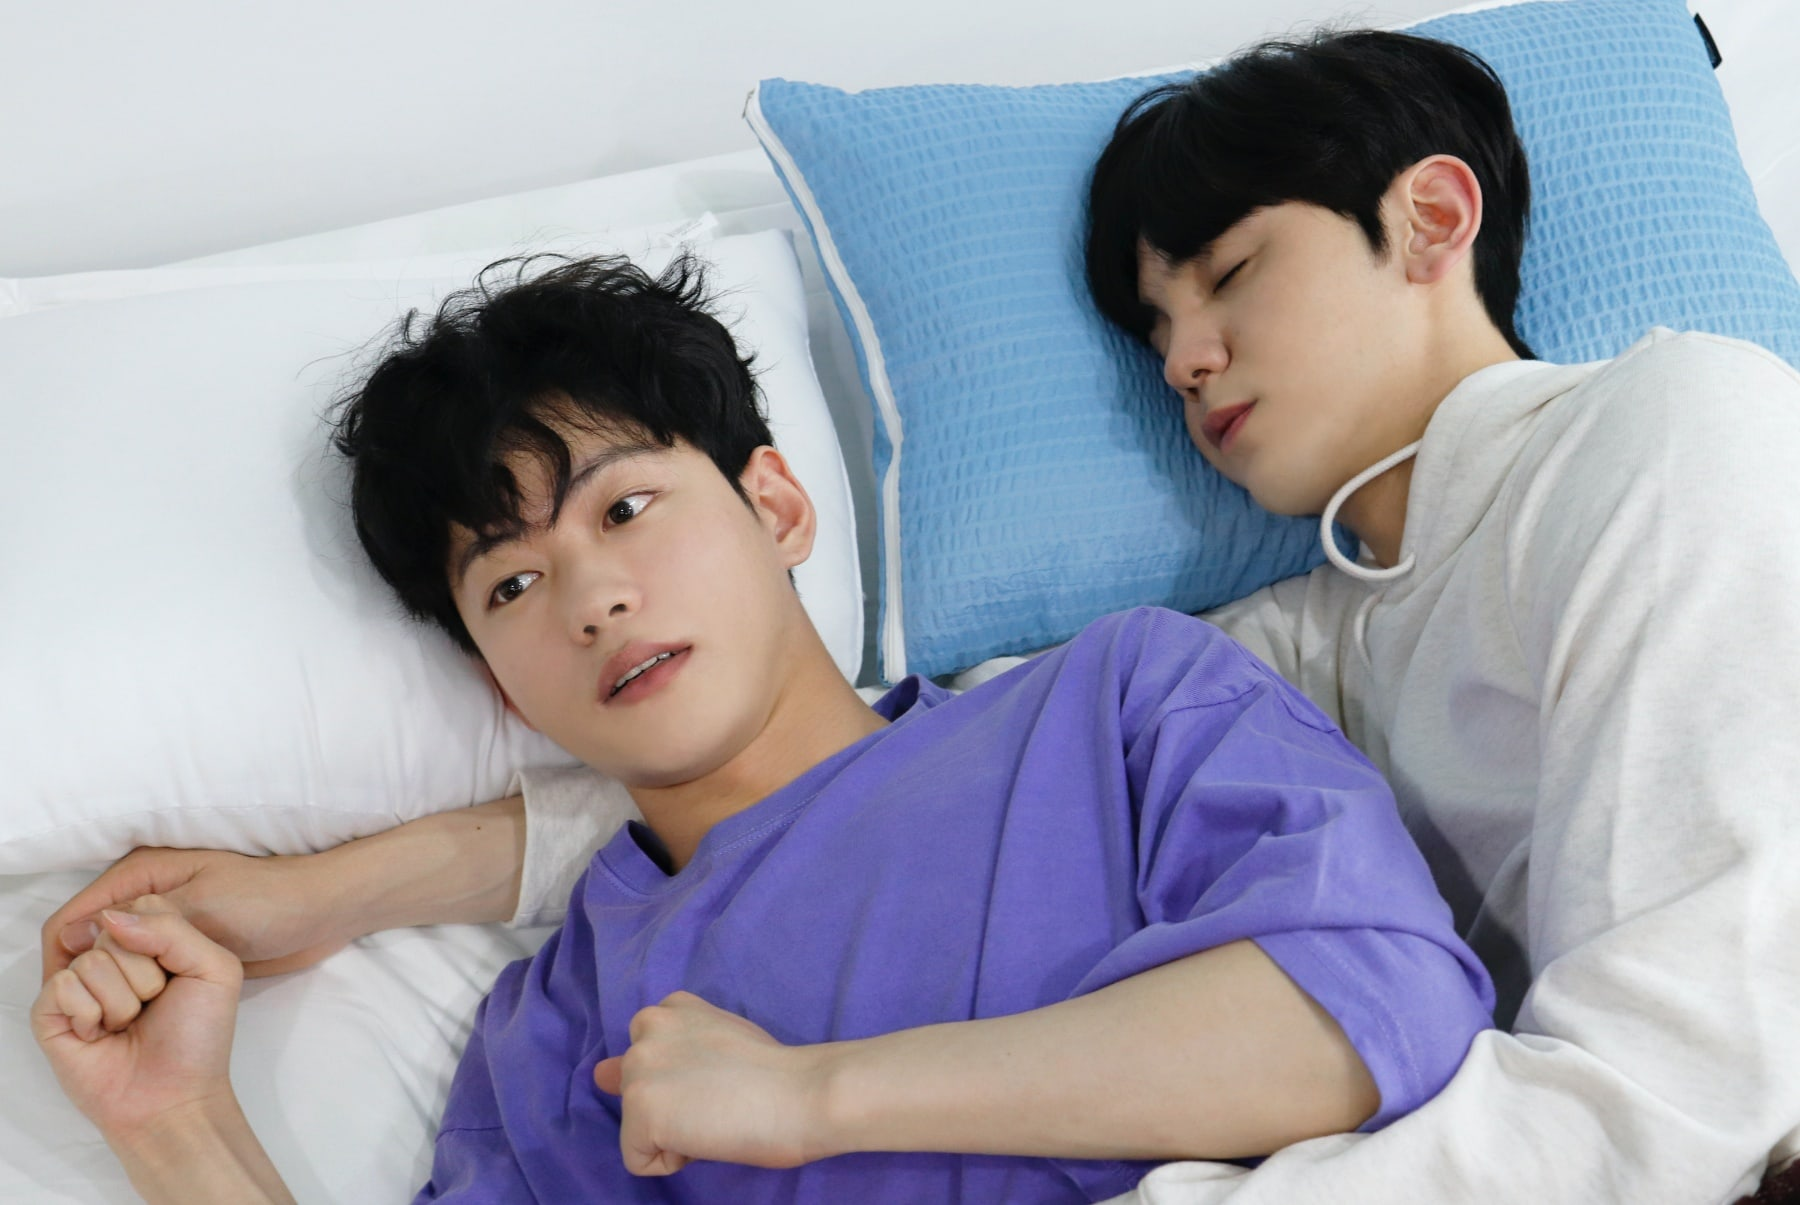 cheon seung ho lee se jin 9